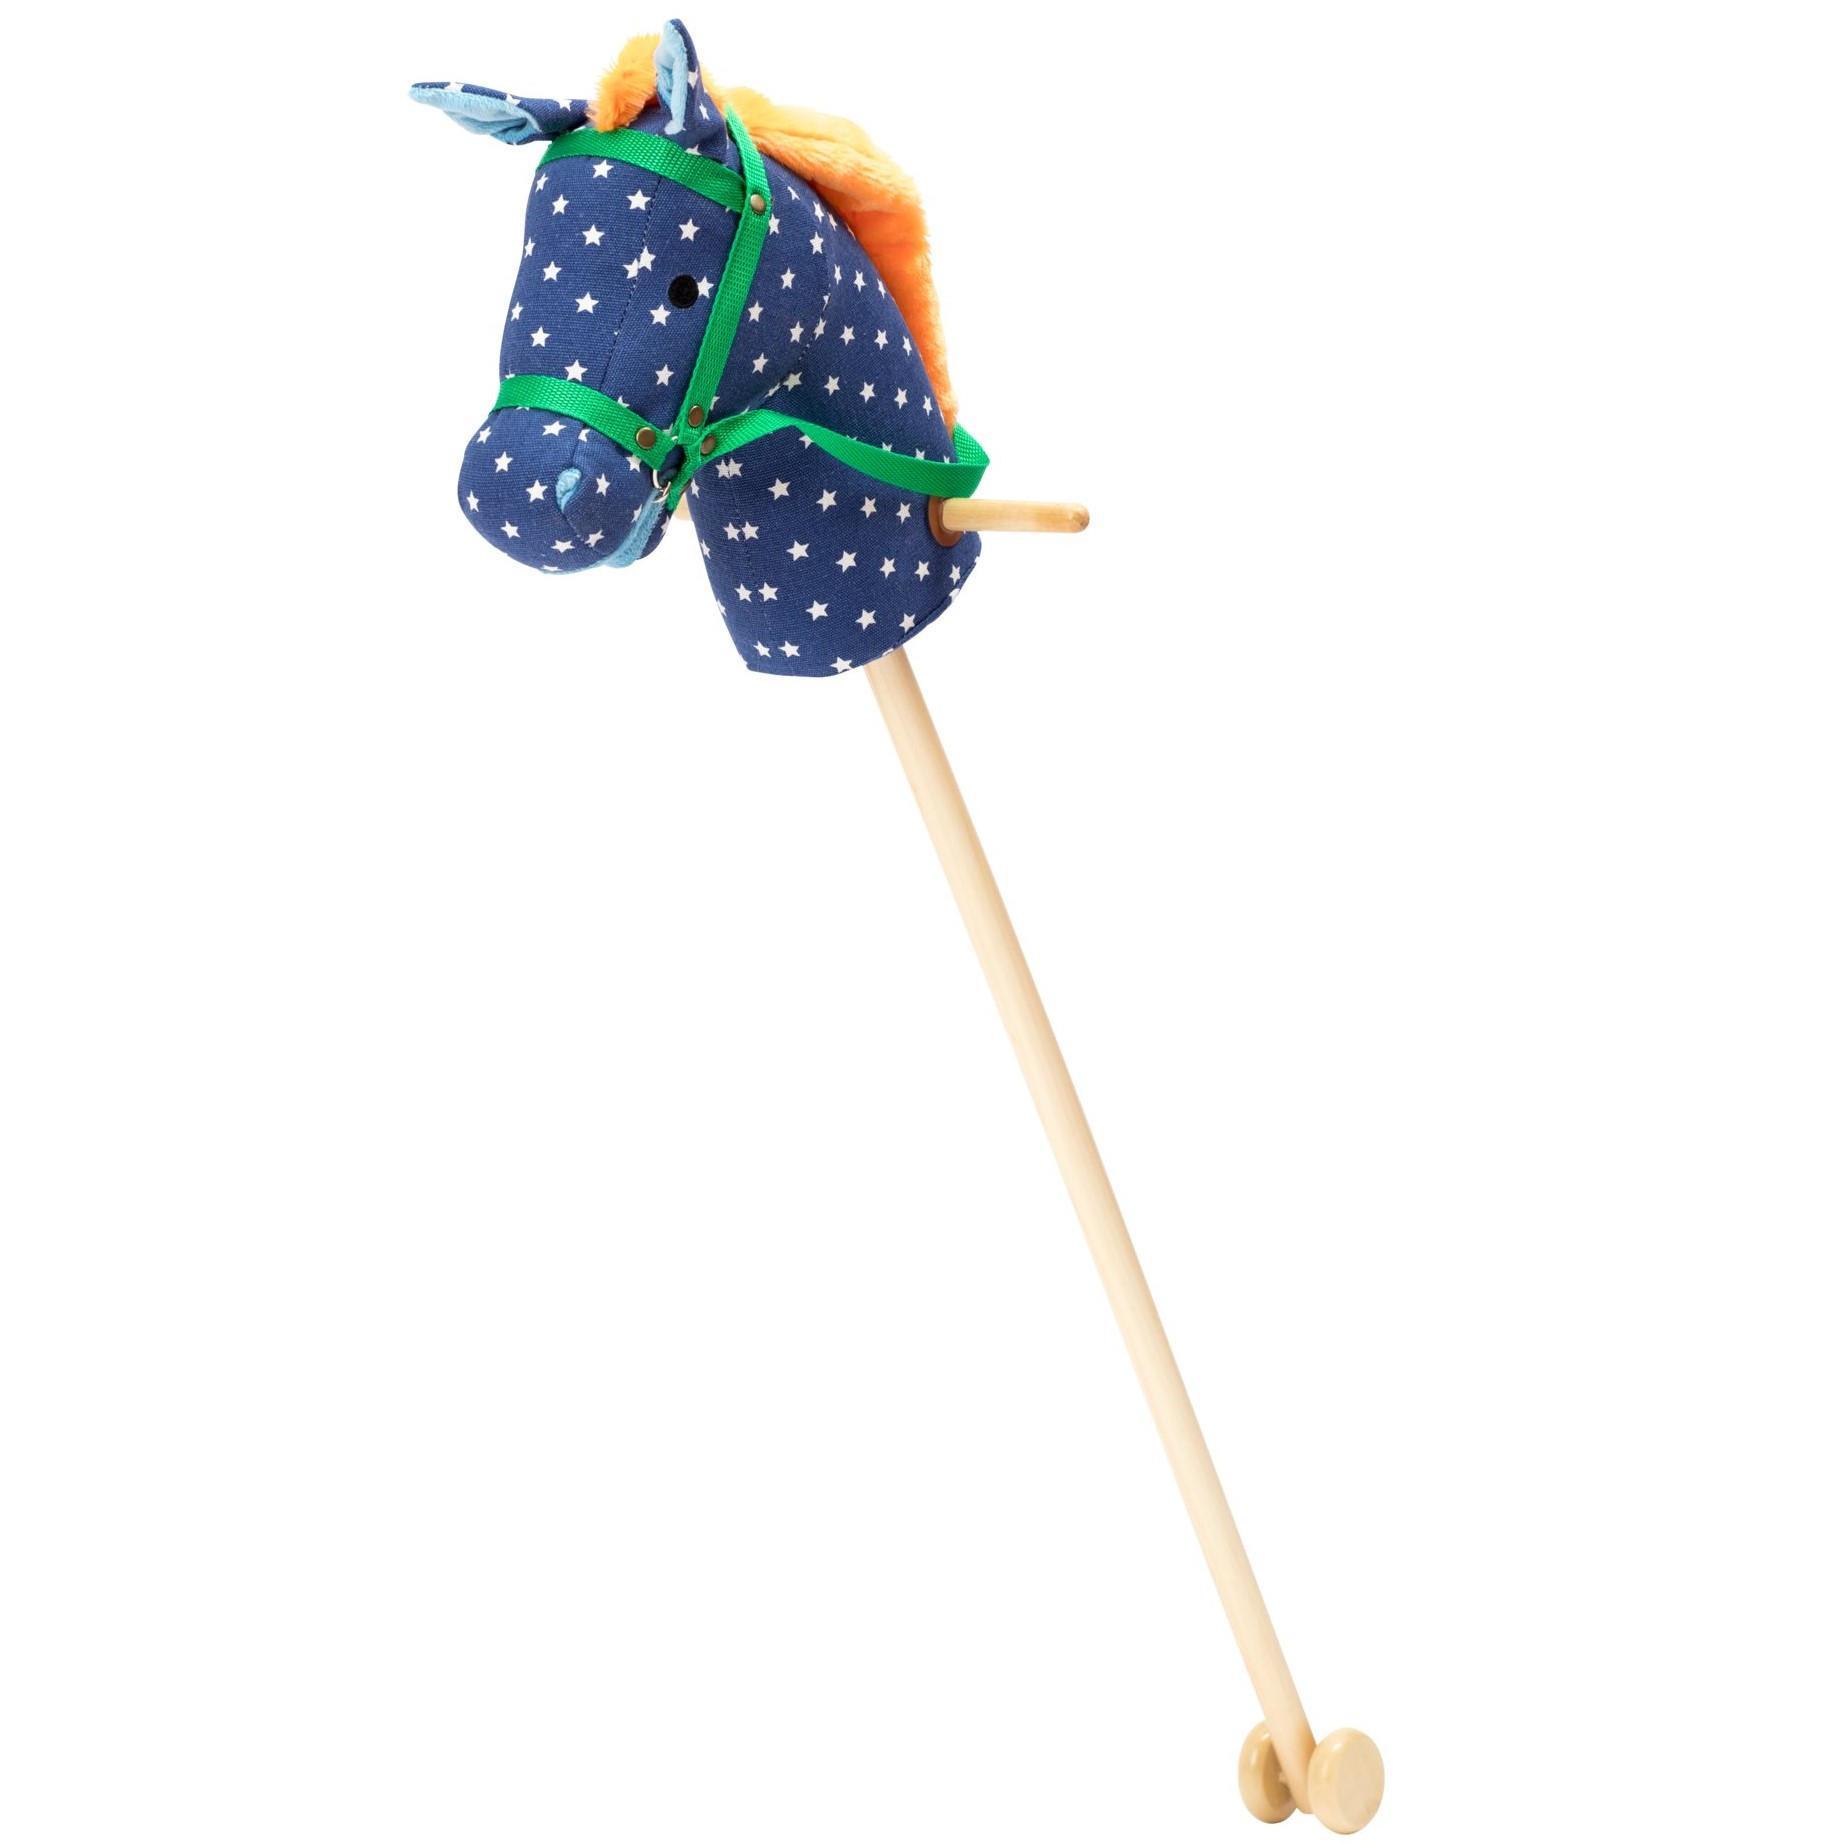 rice Dětský kůň na tyči Blue Star, modrá barva, přírodní barva, dřevo, textil